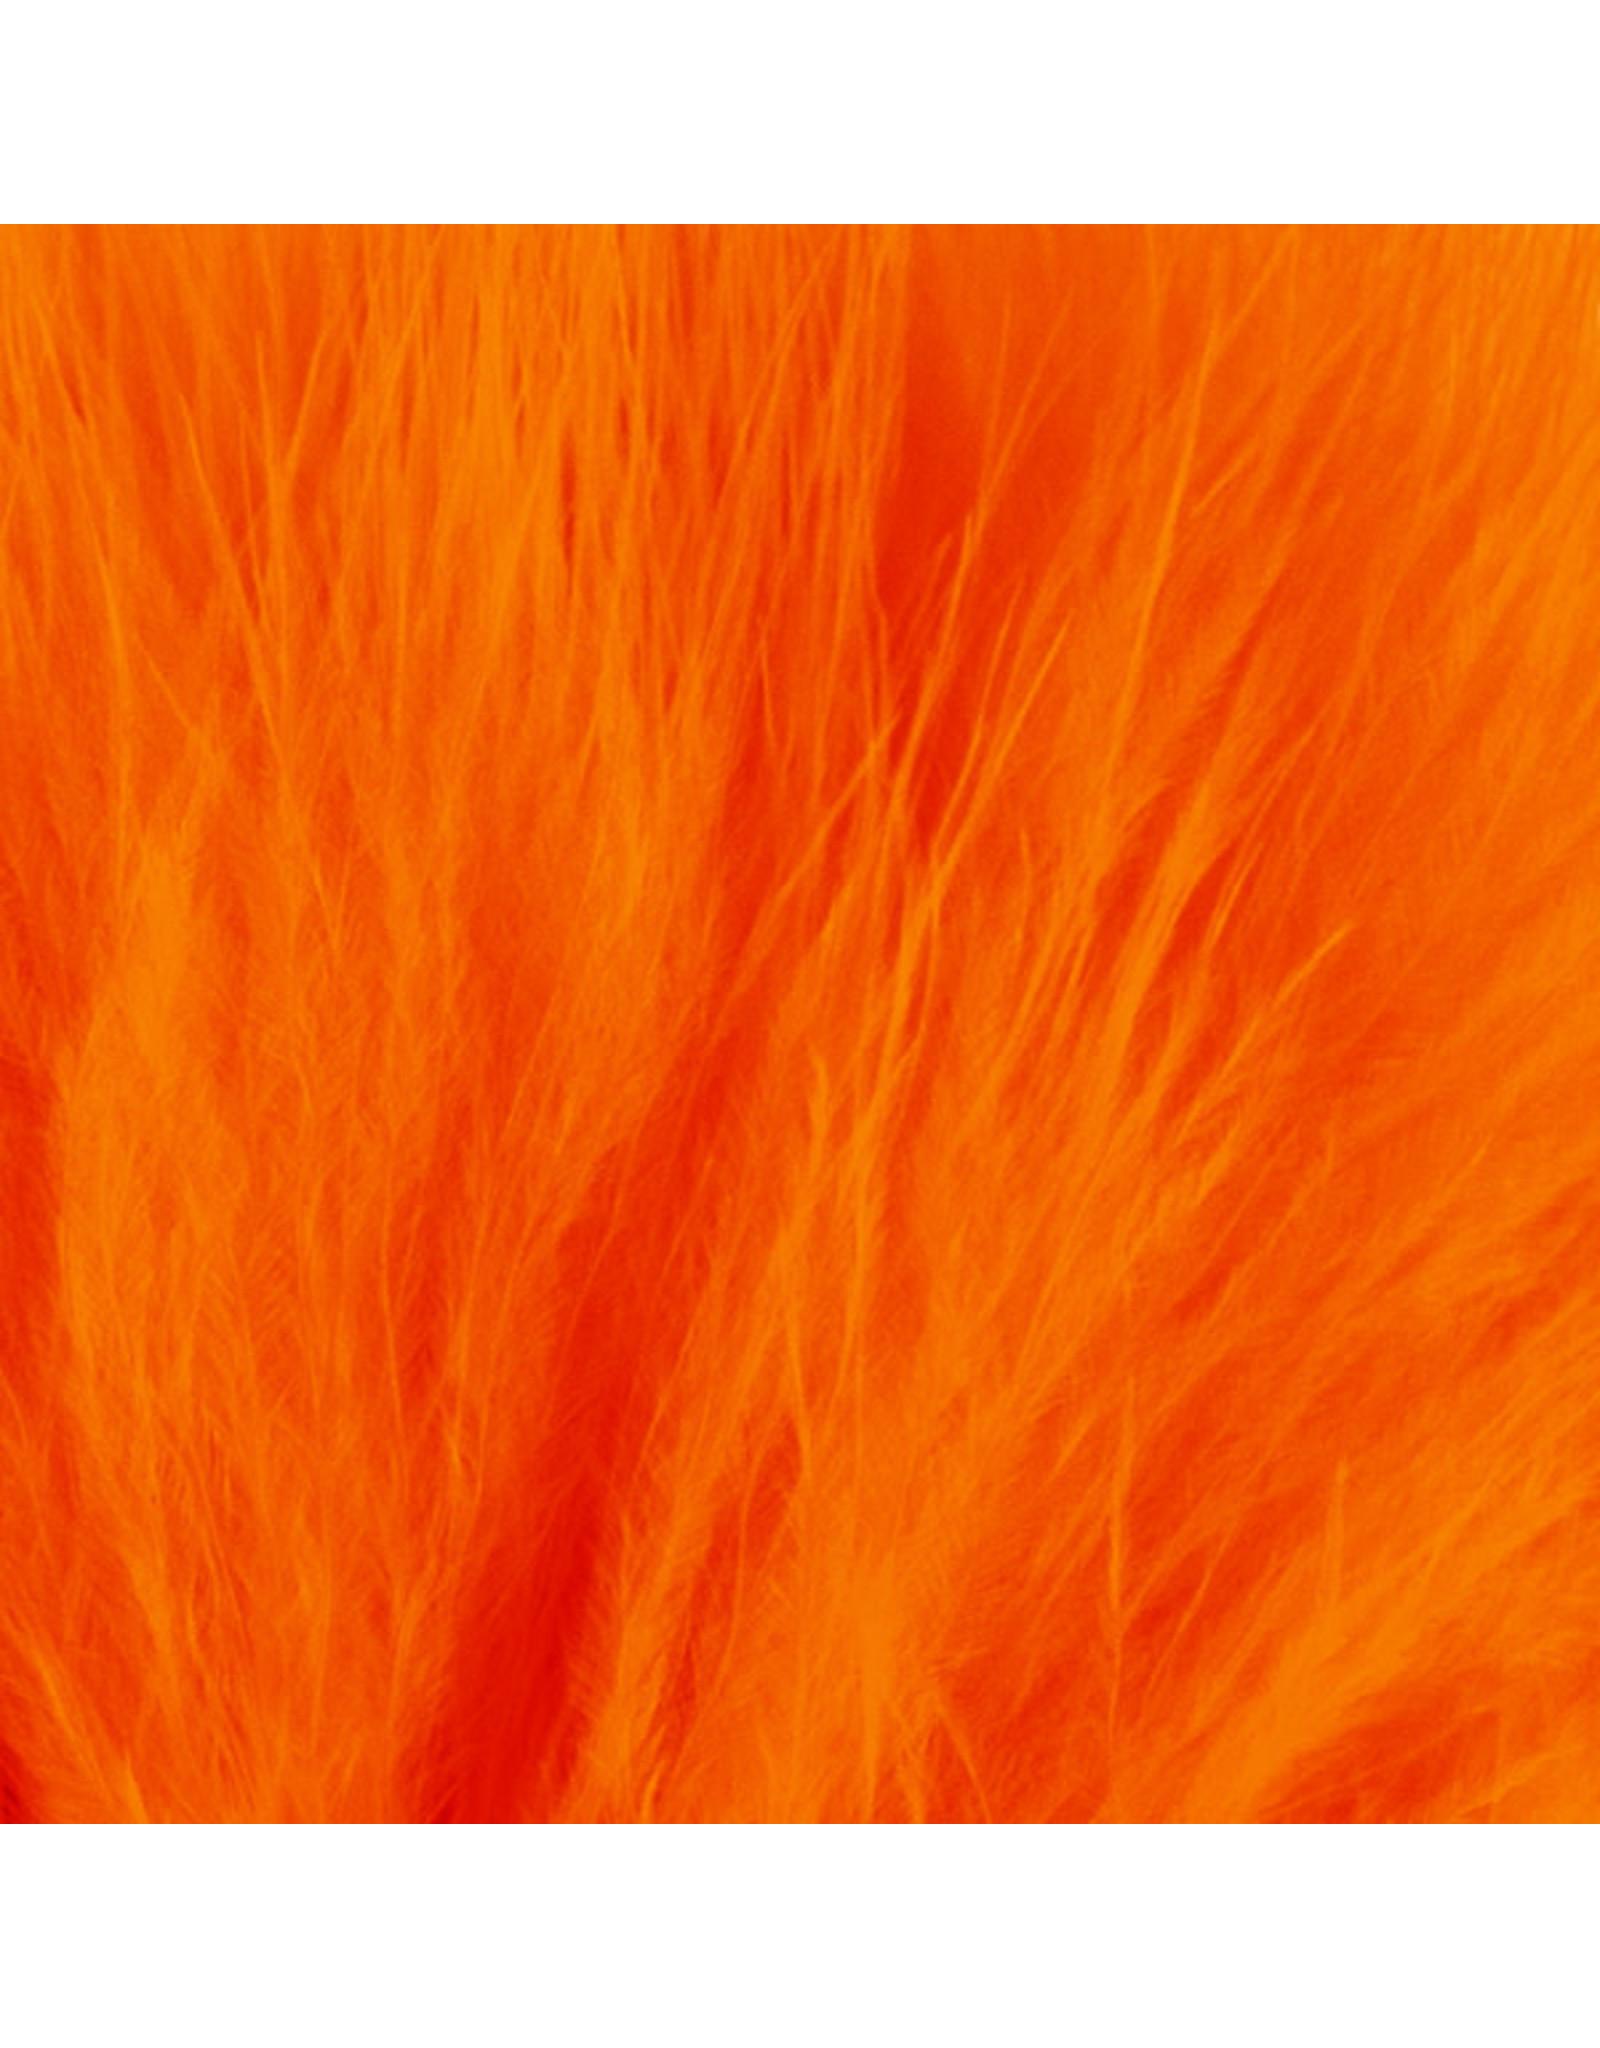 SHOR SHOR Marabou 1/4oz - Orange